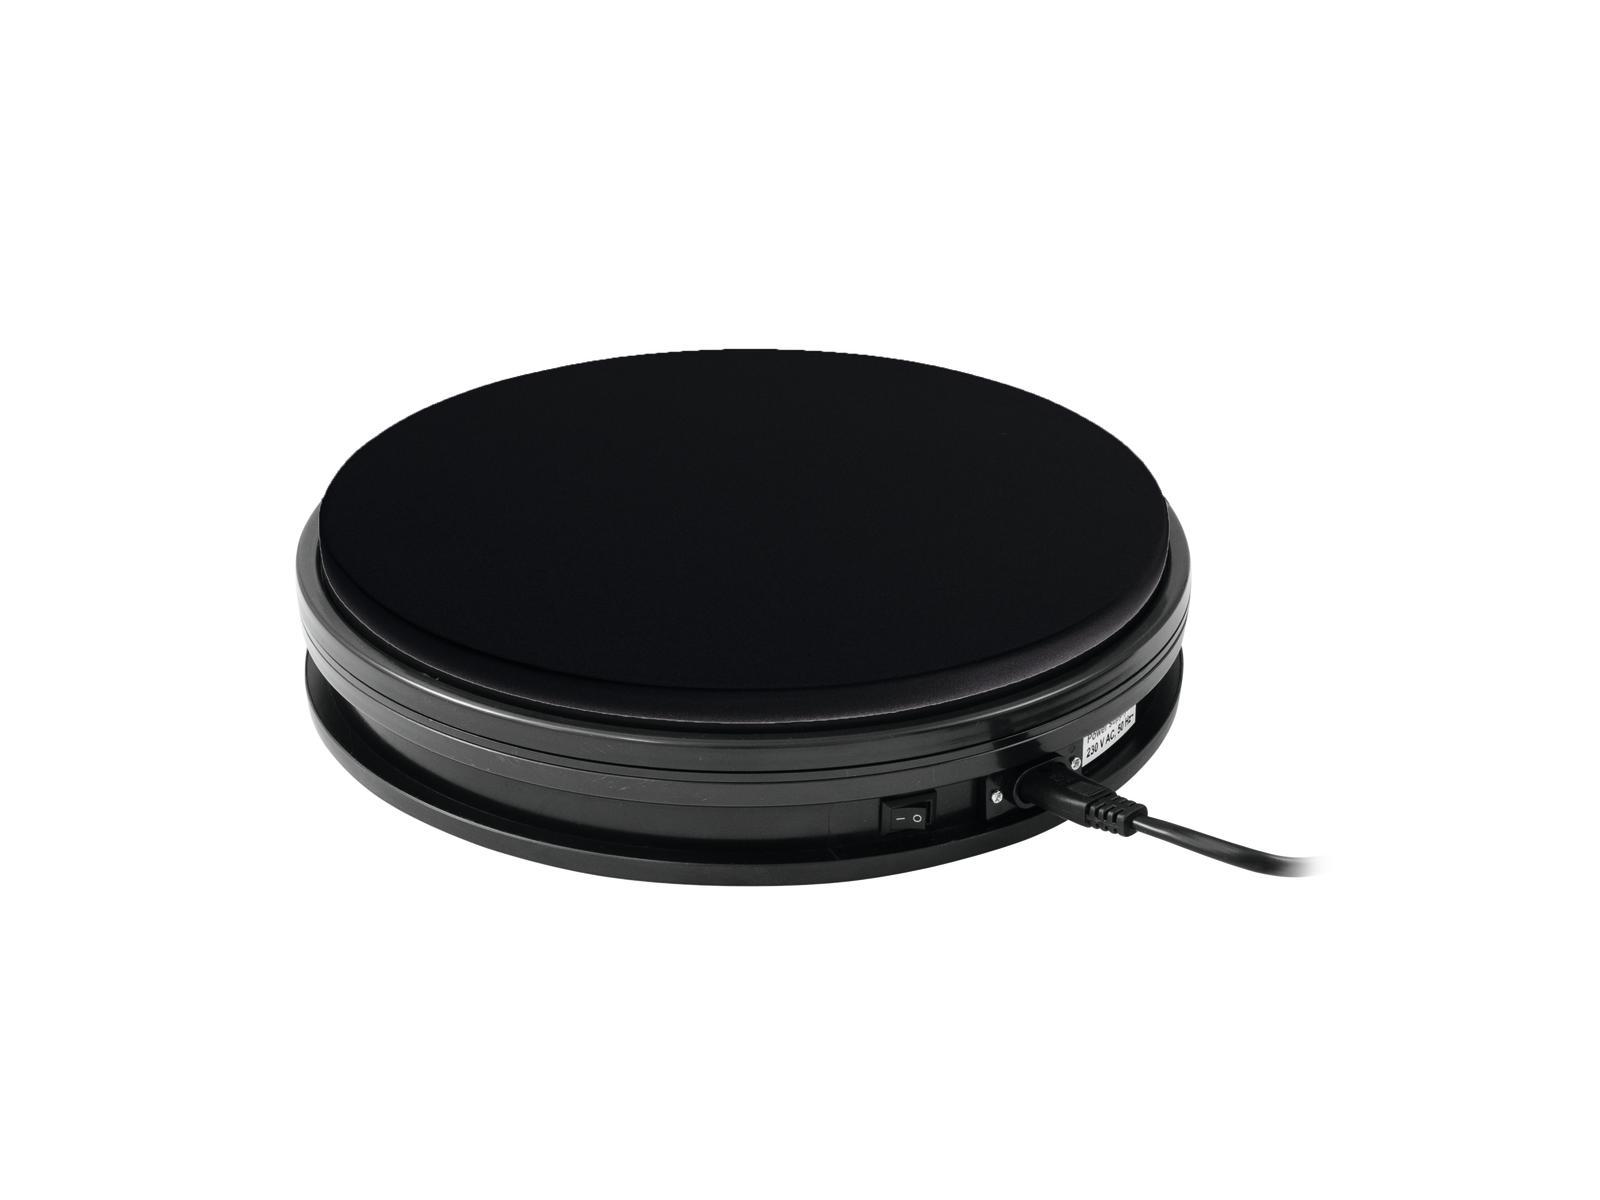 Podstavec rotační 250mm, do 25kg, 0,5 o/min, černý